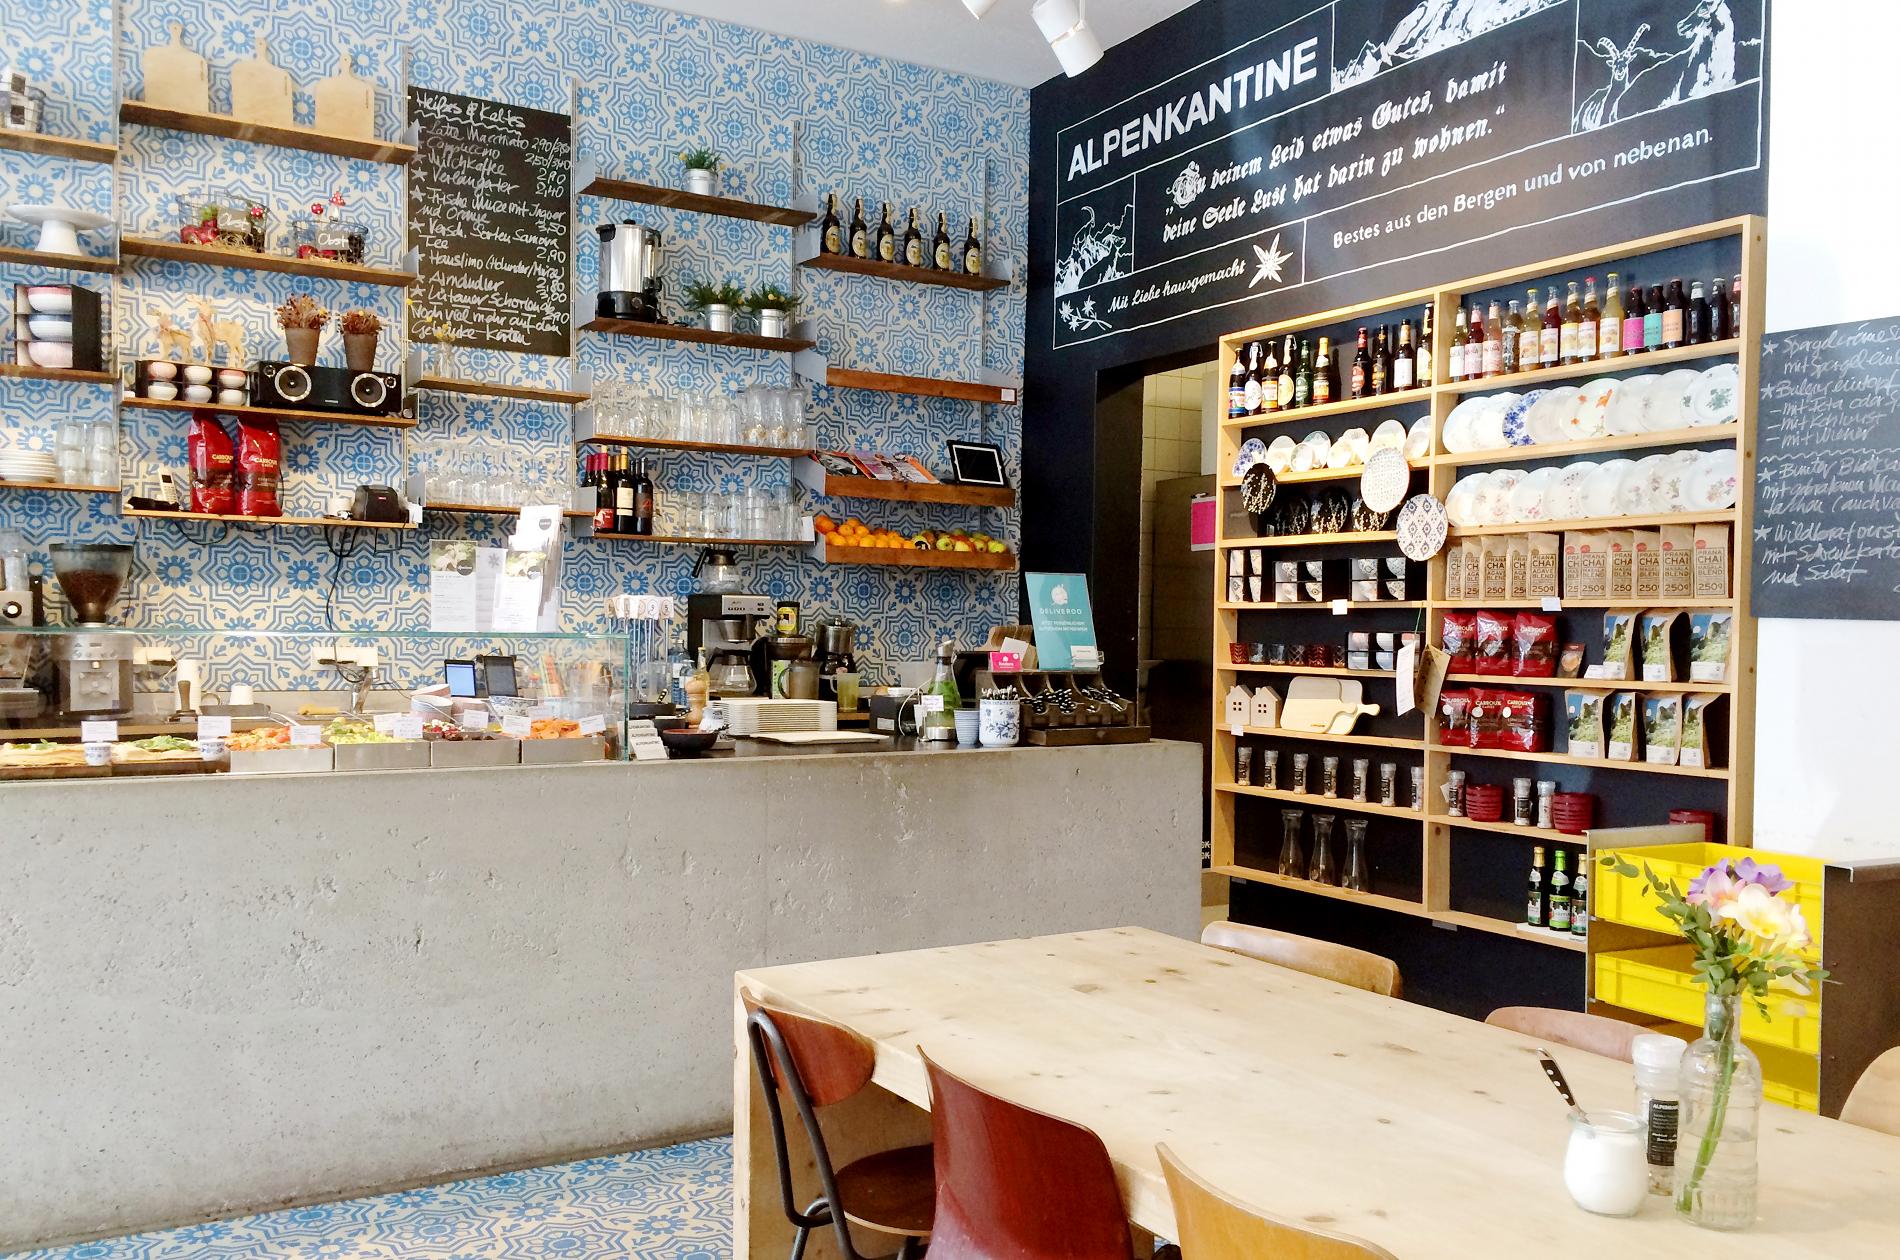 Café und Restaurant Alpenkantine Hamburg